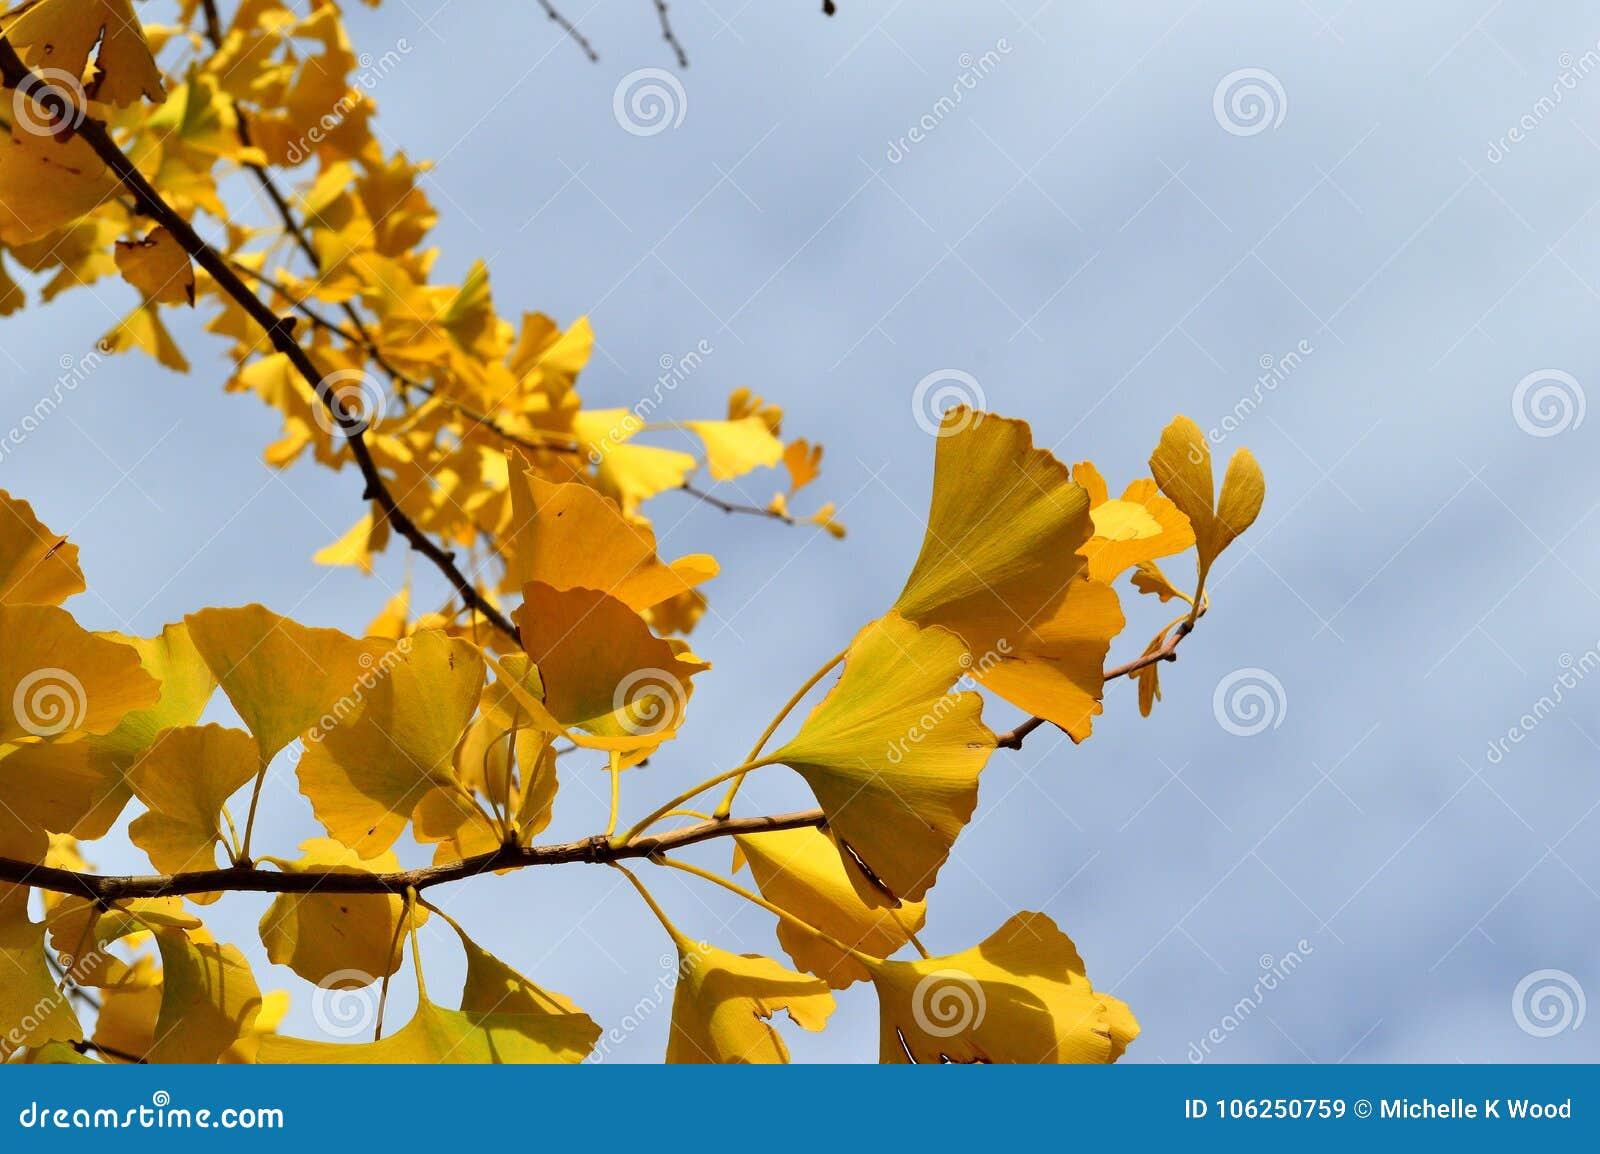 Autumn Leaves Ginko Biloba Maidenhair Tree